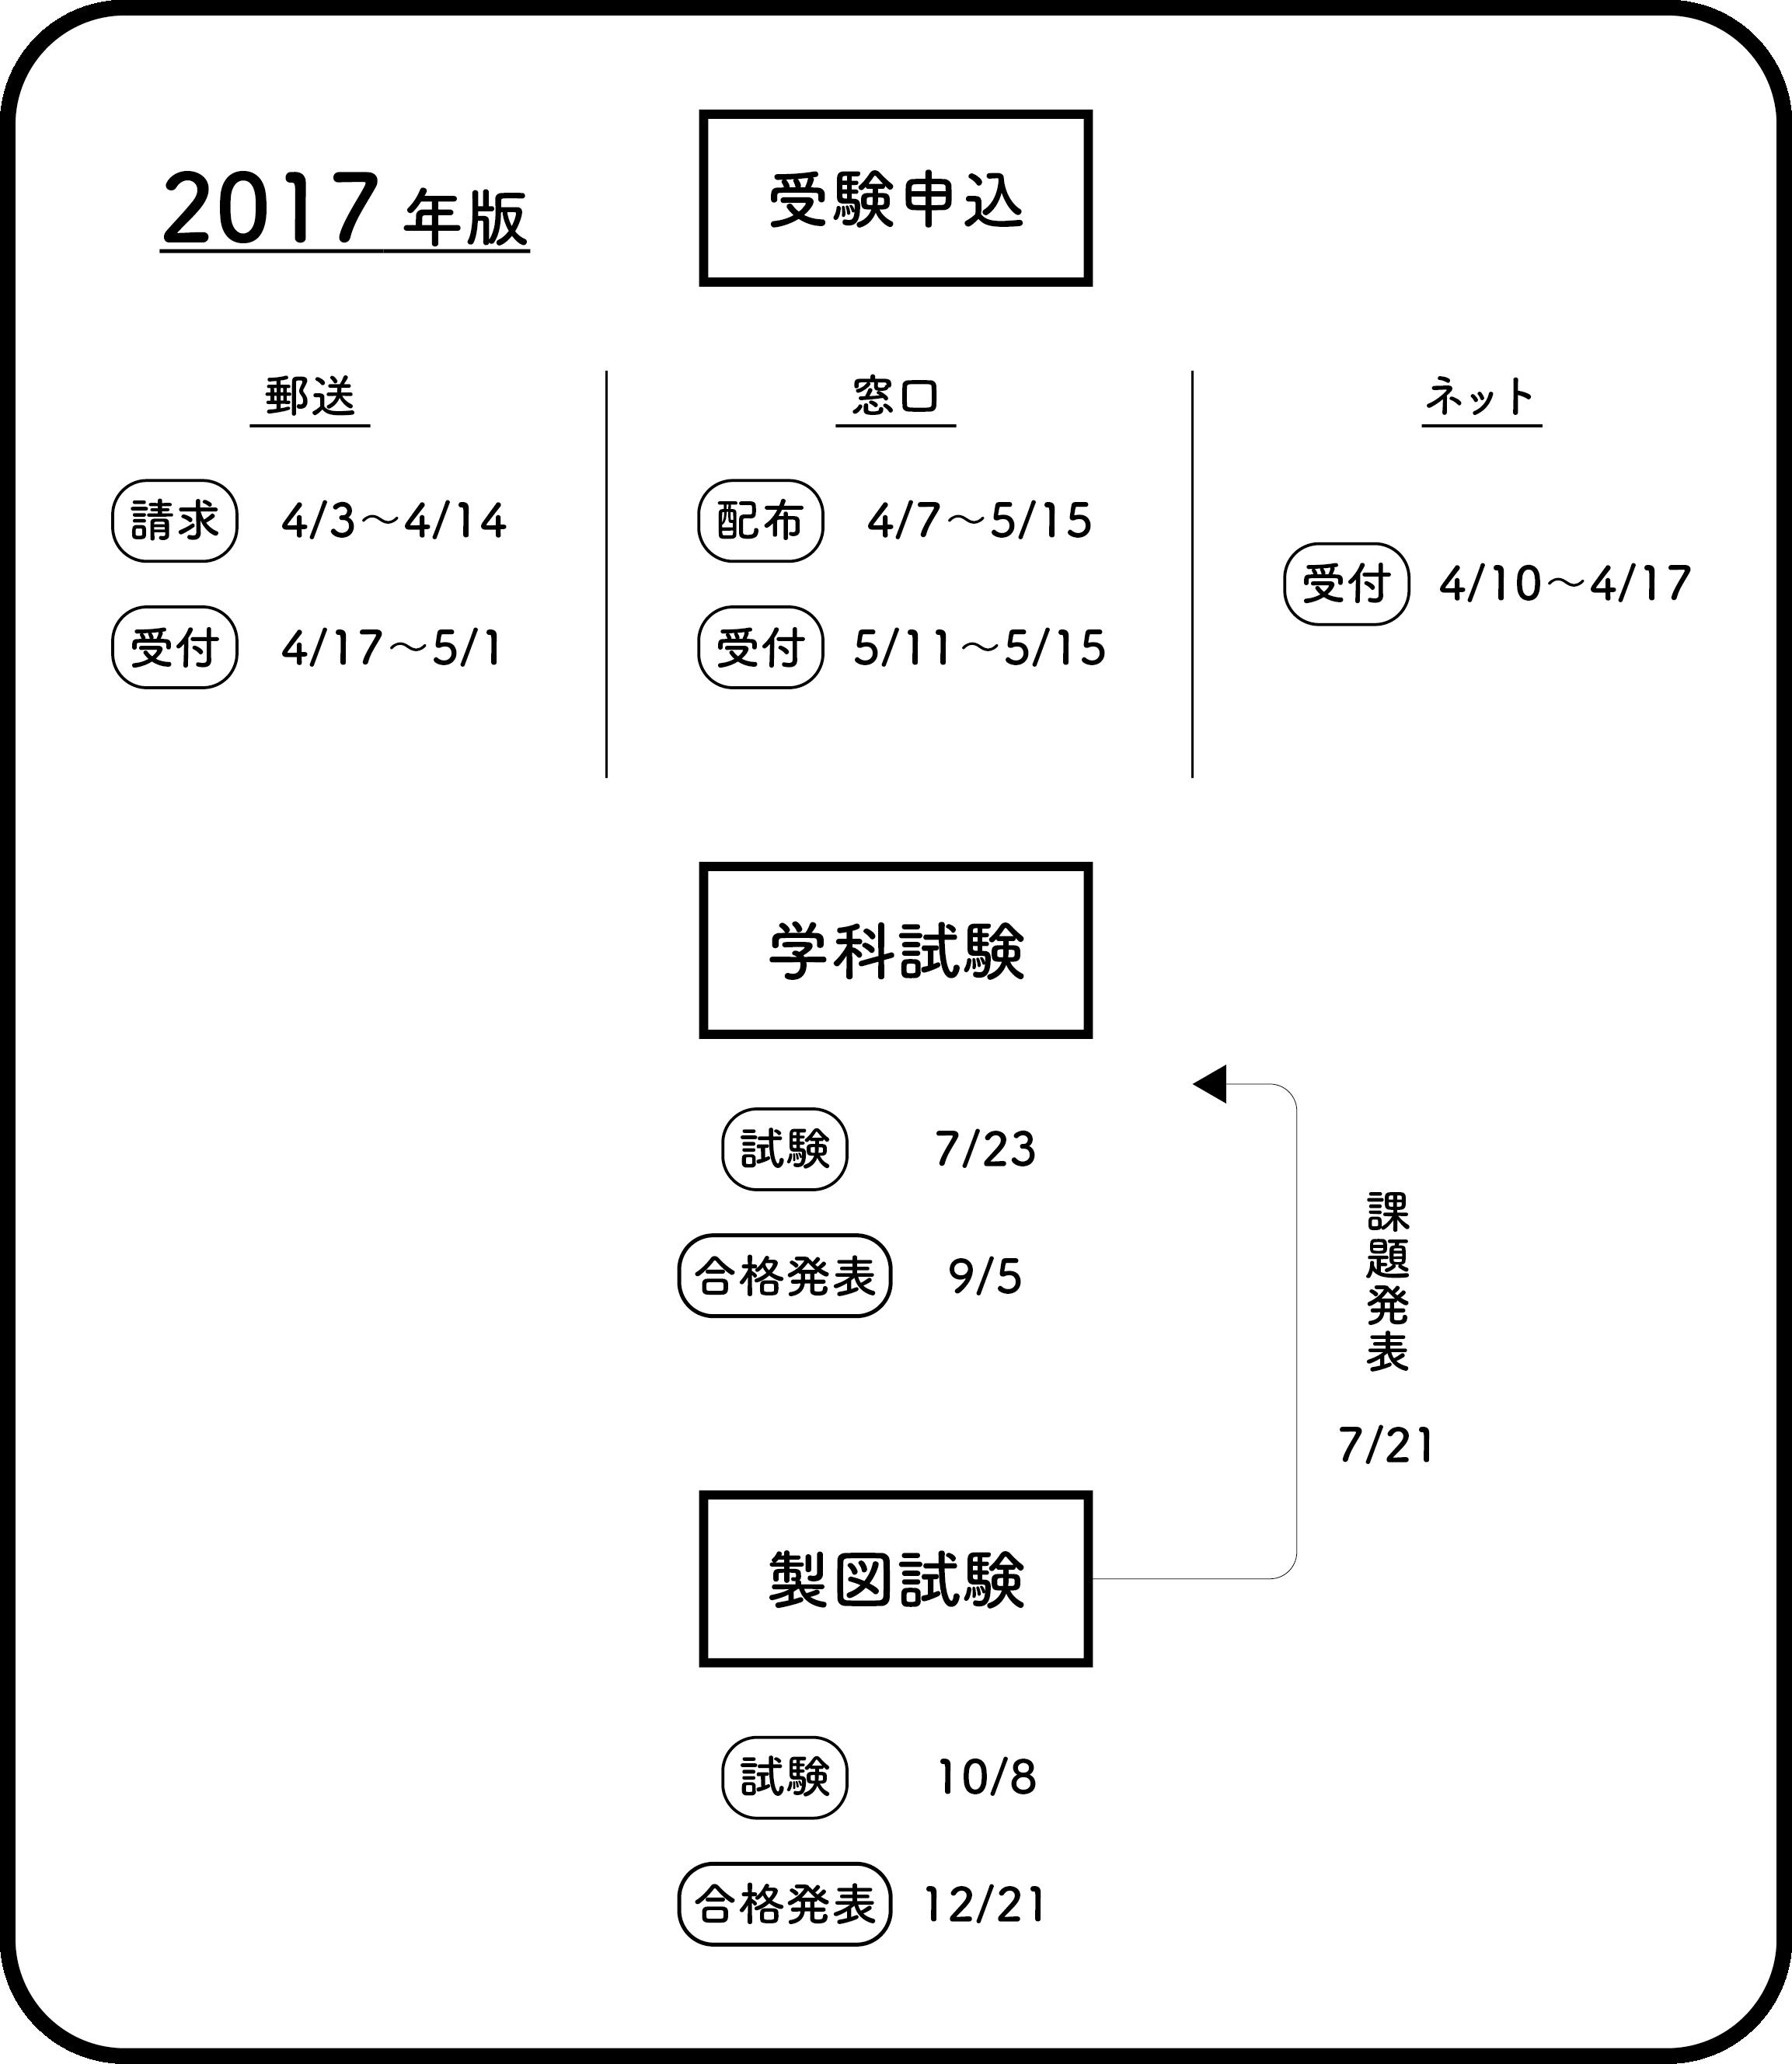 一級建築士試験スケジュール一覧の図